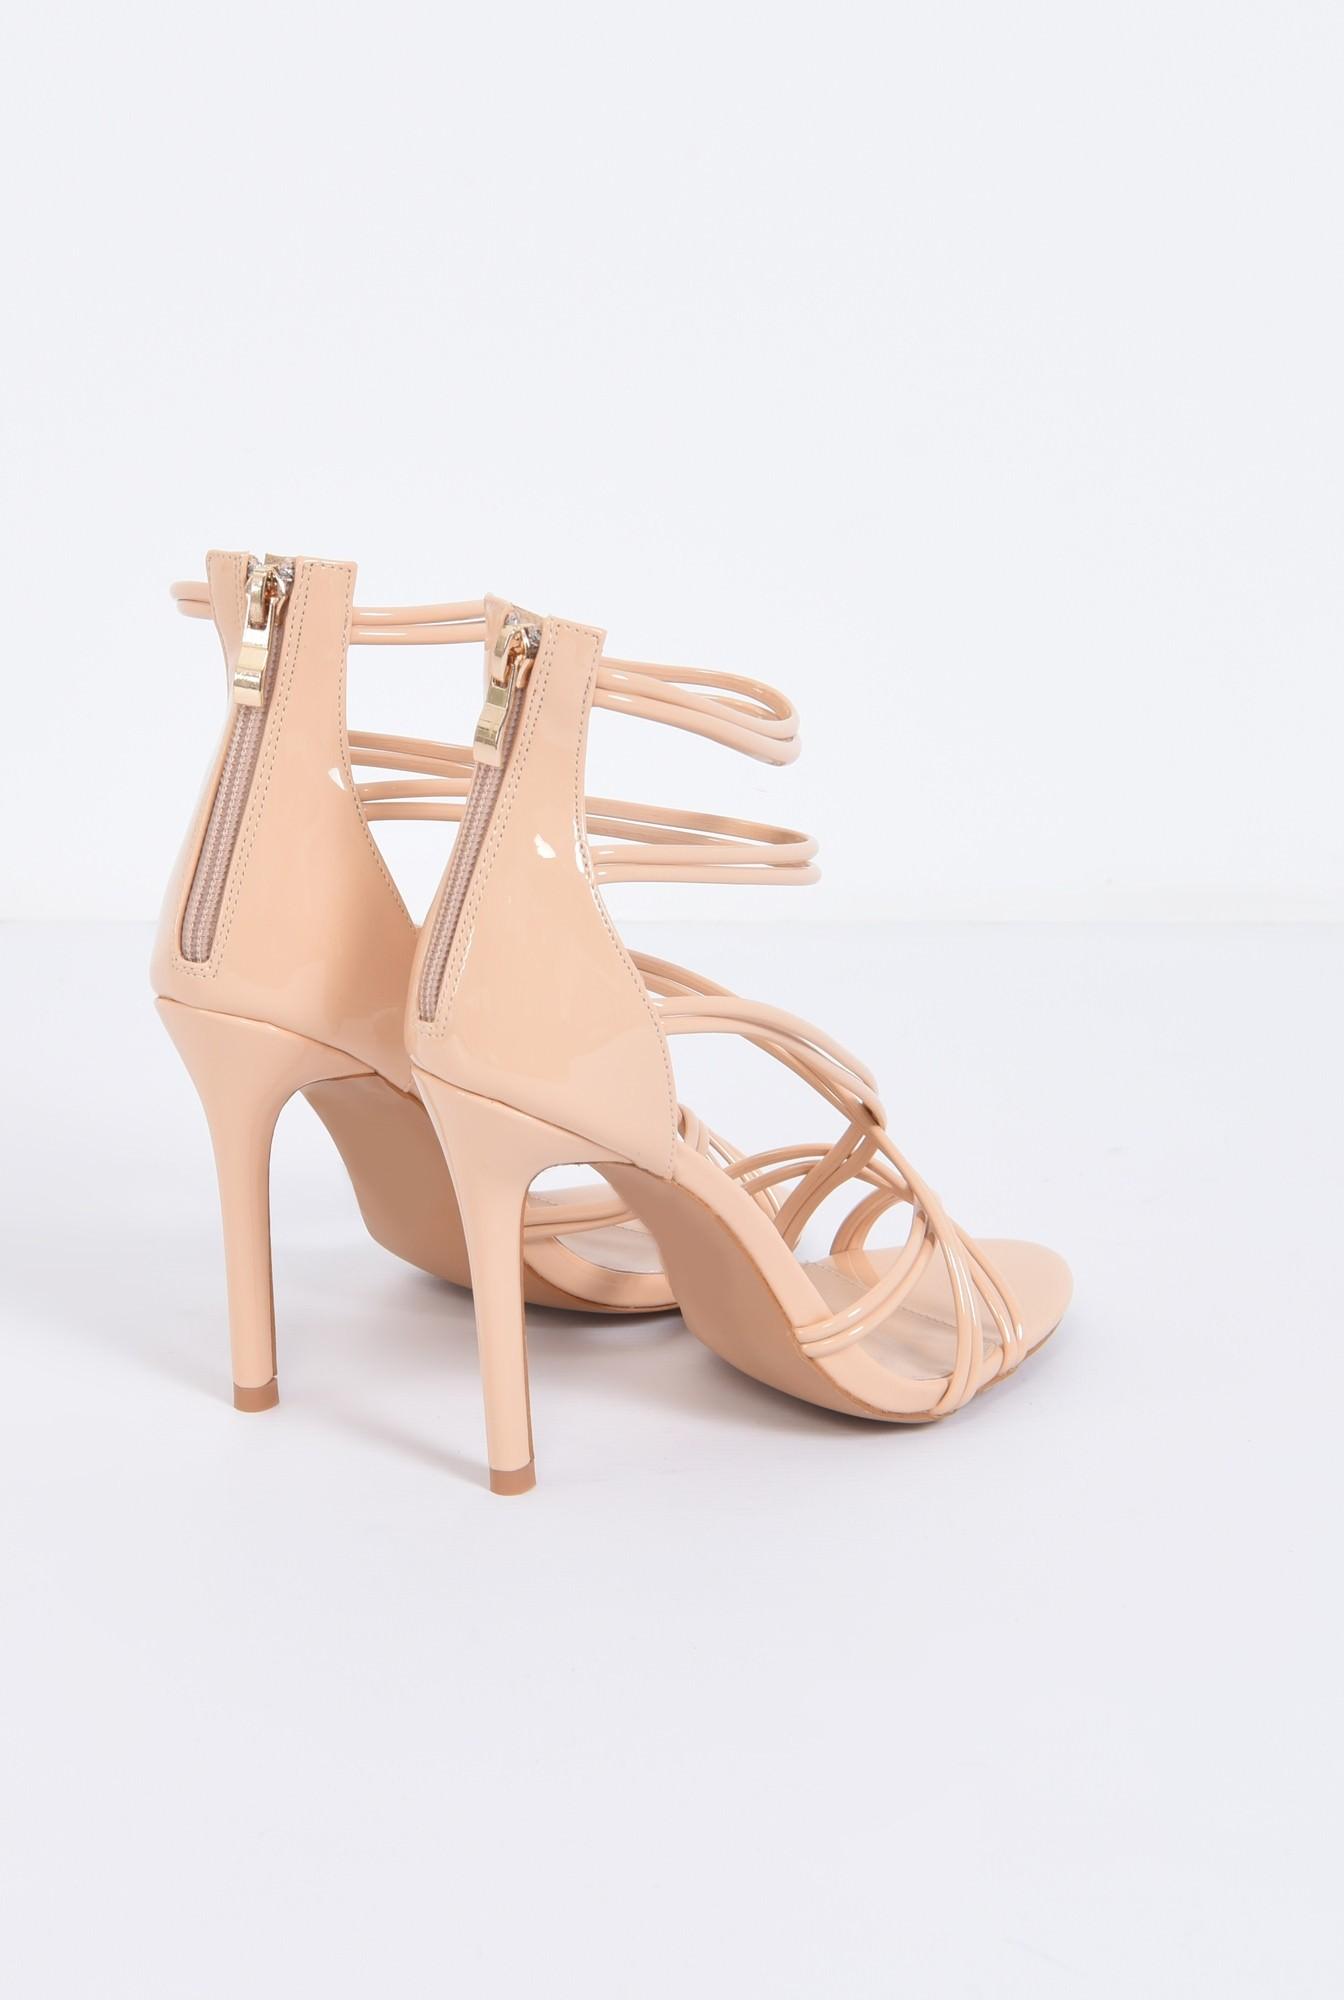 2 - sandale de ocazie, toc subtire, barete incrucisate